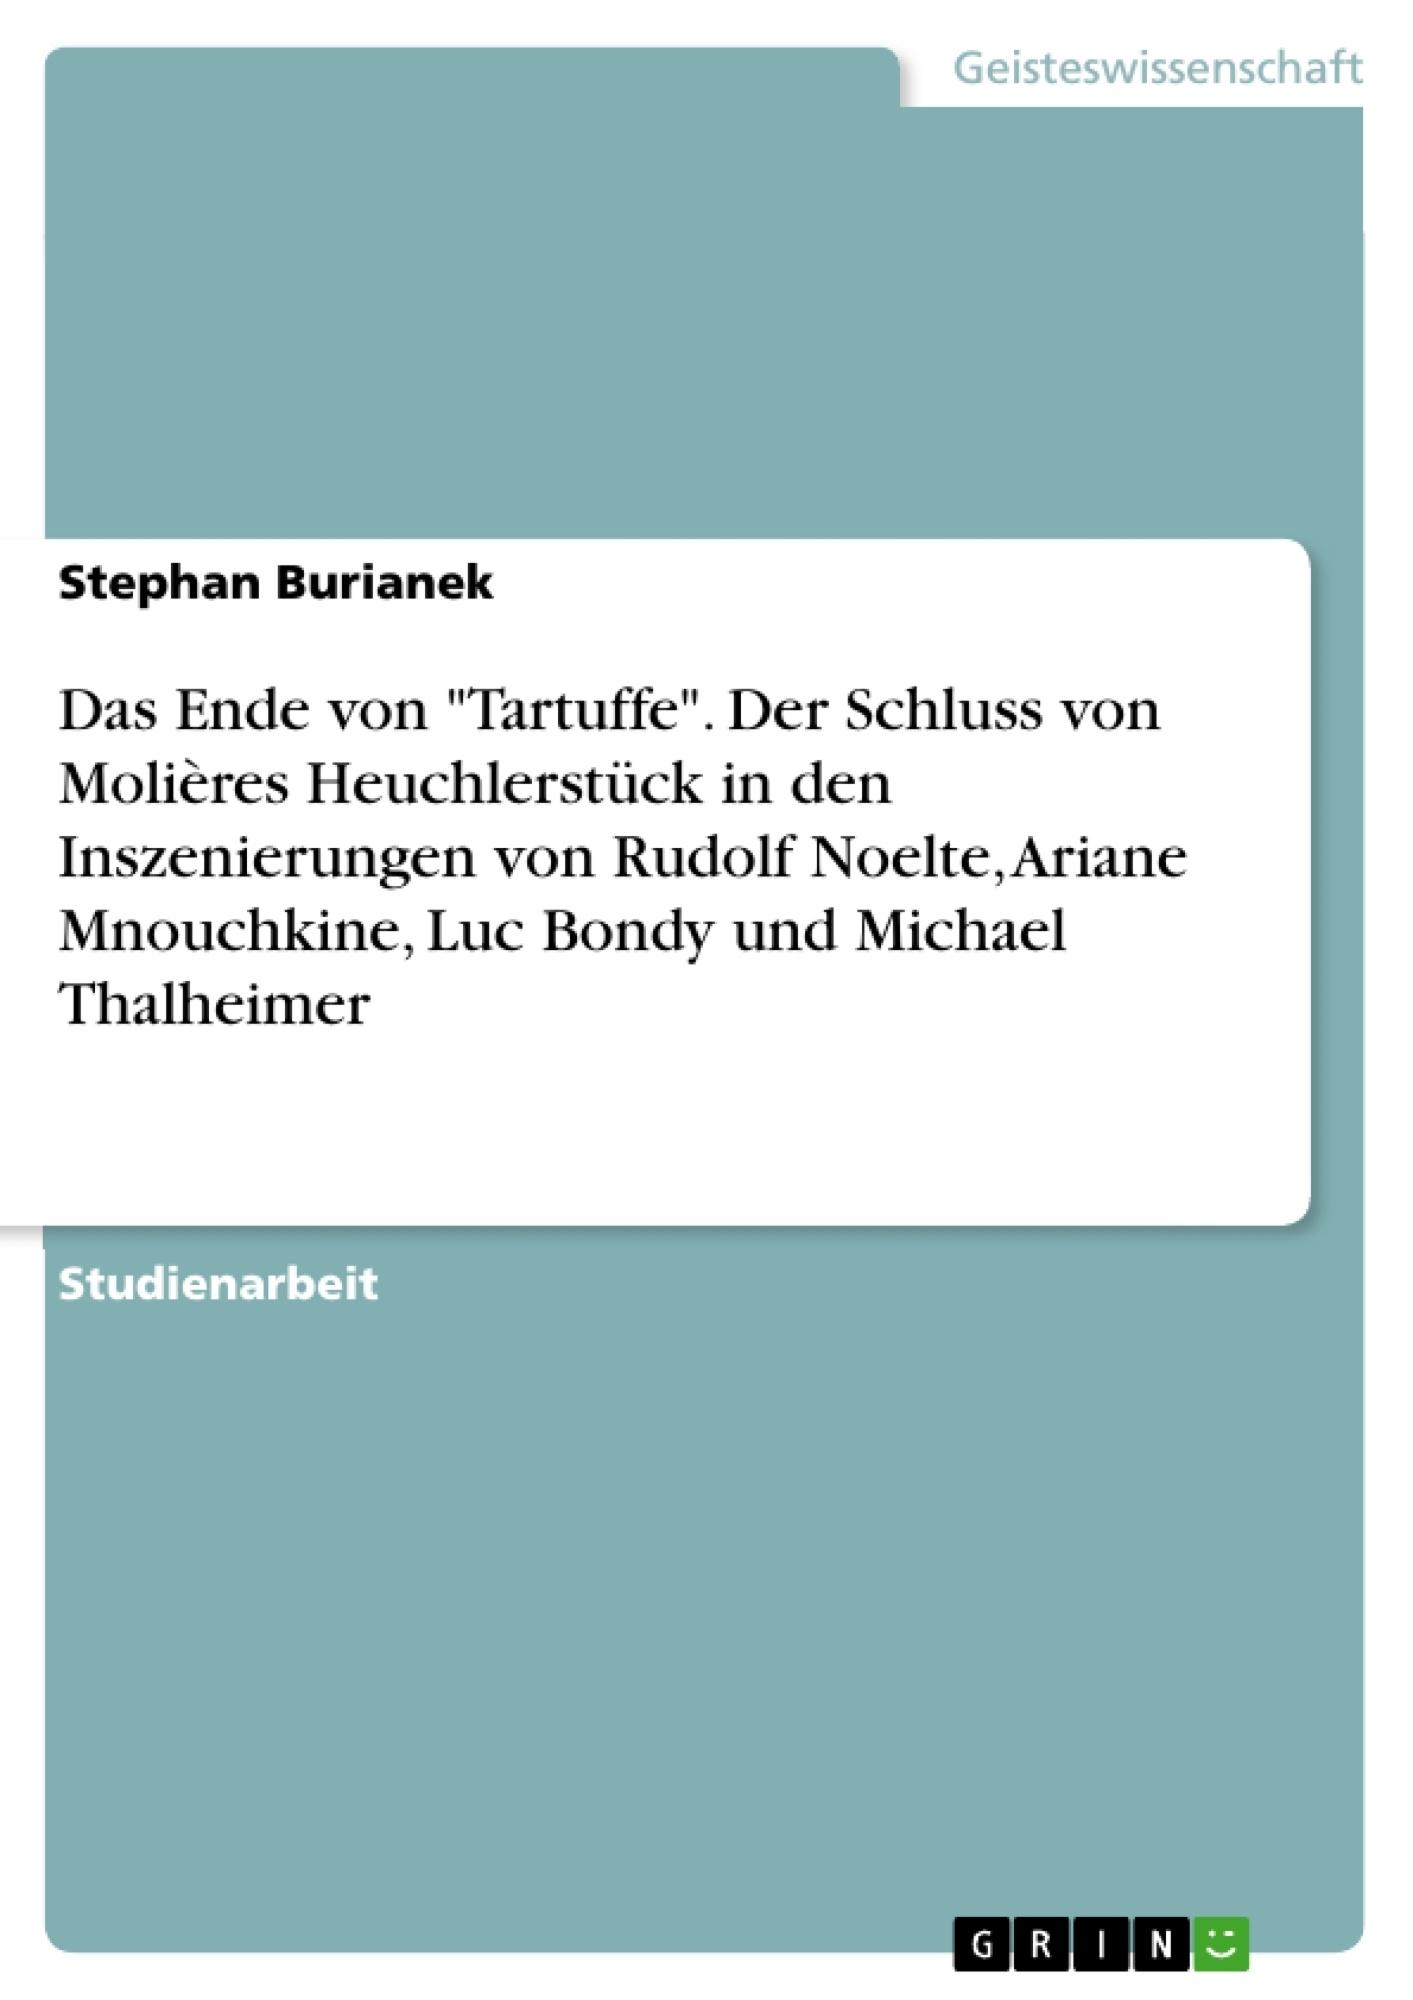 """Titel: Das Ende von """"Tartuffe"""". Der Schluss von Molières Heuchlerstück in den Inszenierungen von  Rudolf Noelte, Ariane Mnouchkine, Luc Bondy und Michael Thalheimer"""